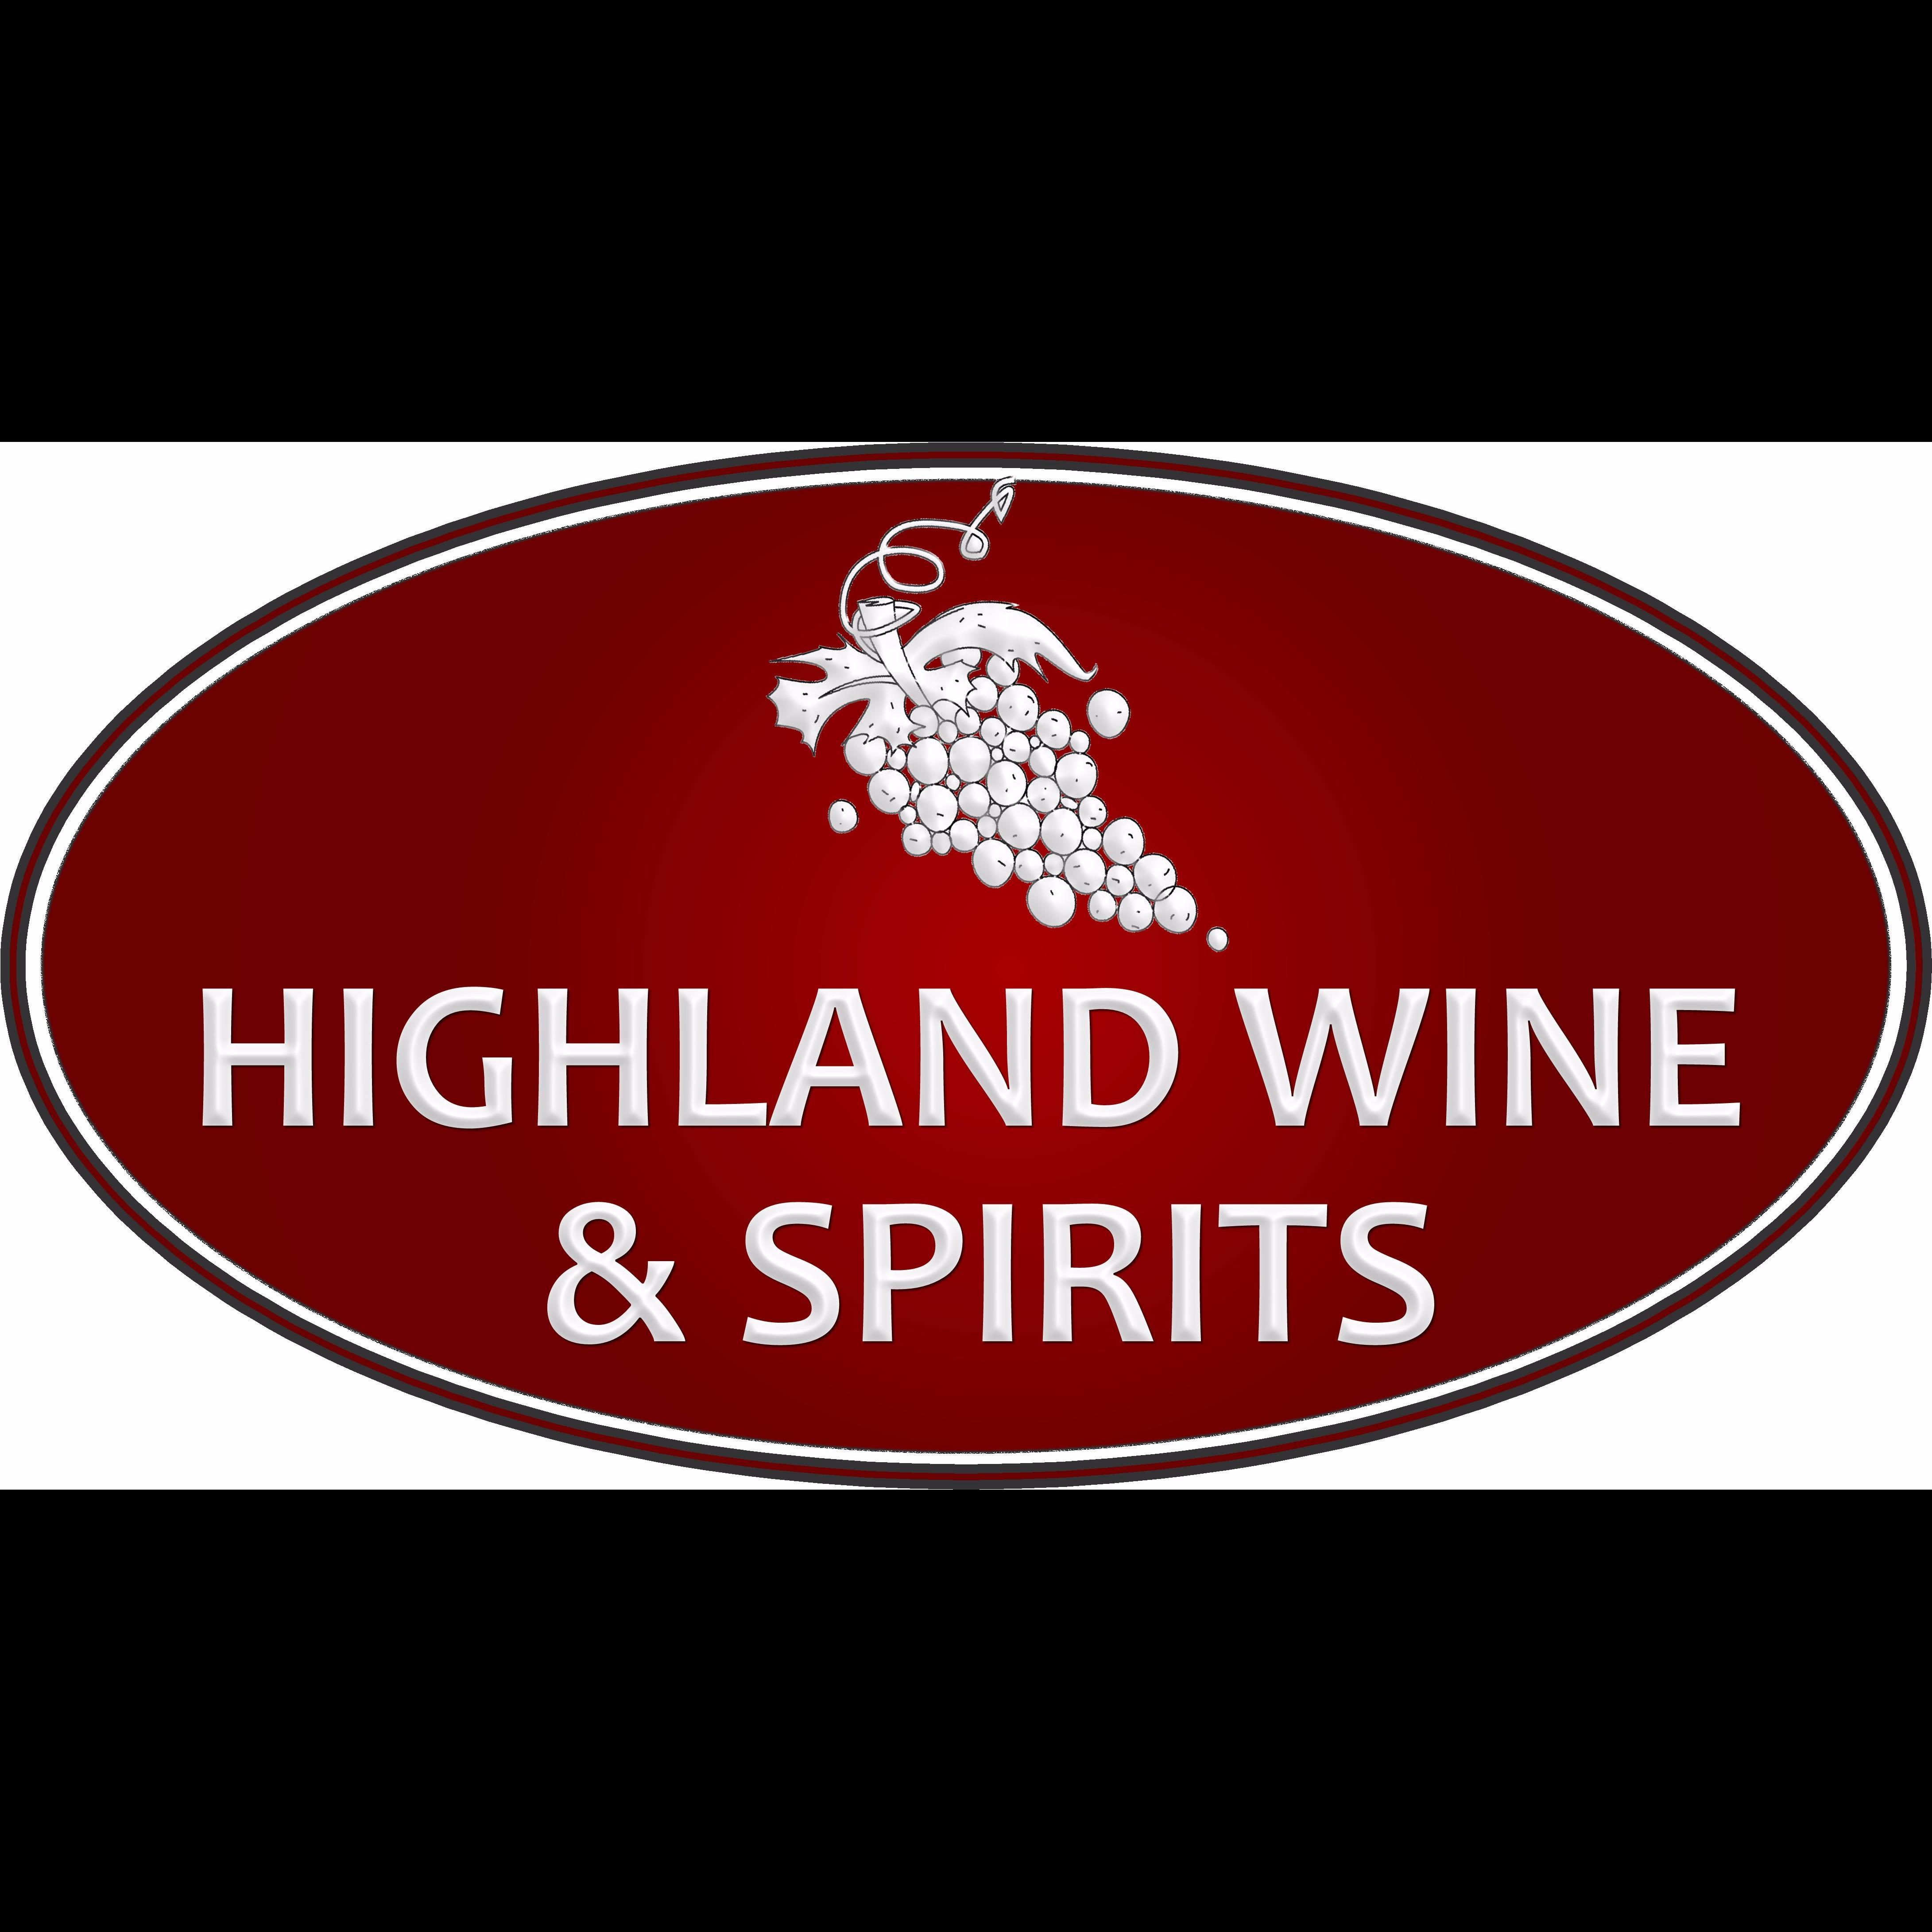 Highland Wine & Spirits image 10